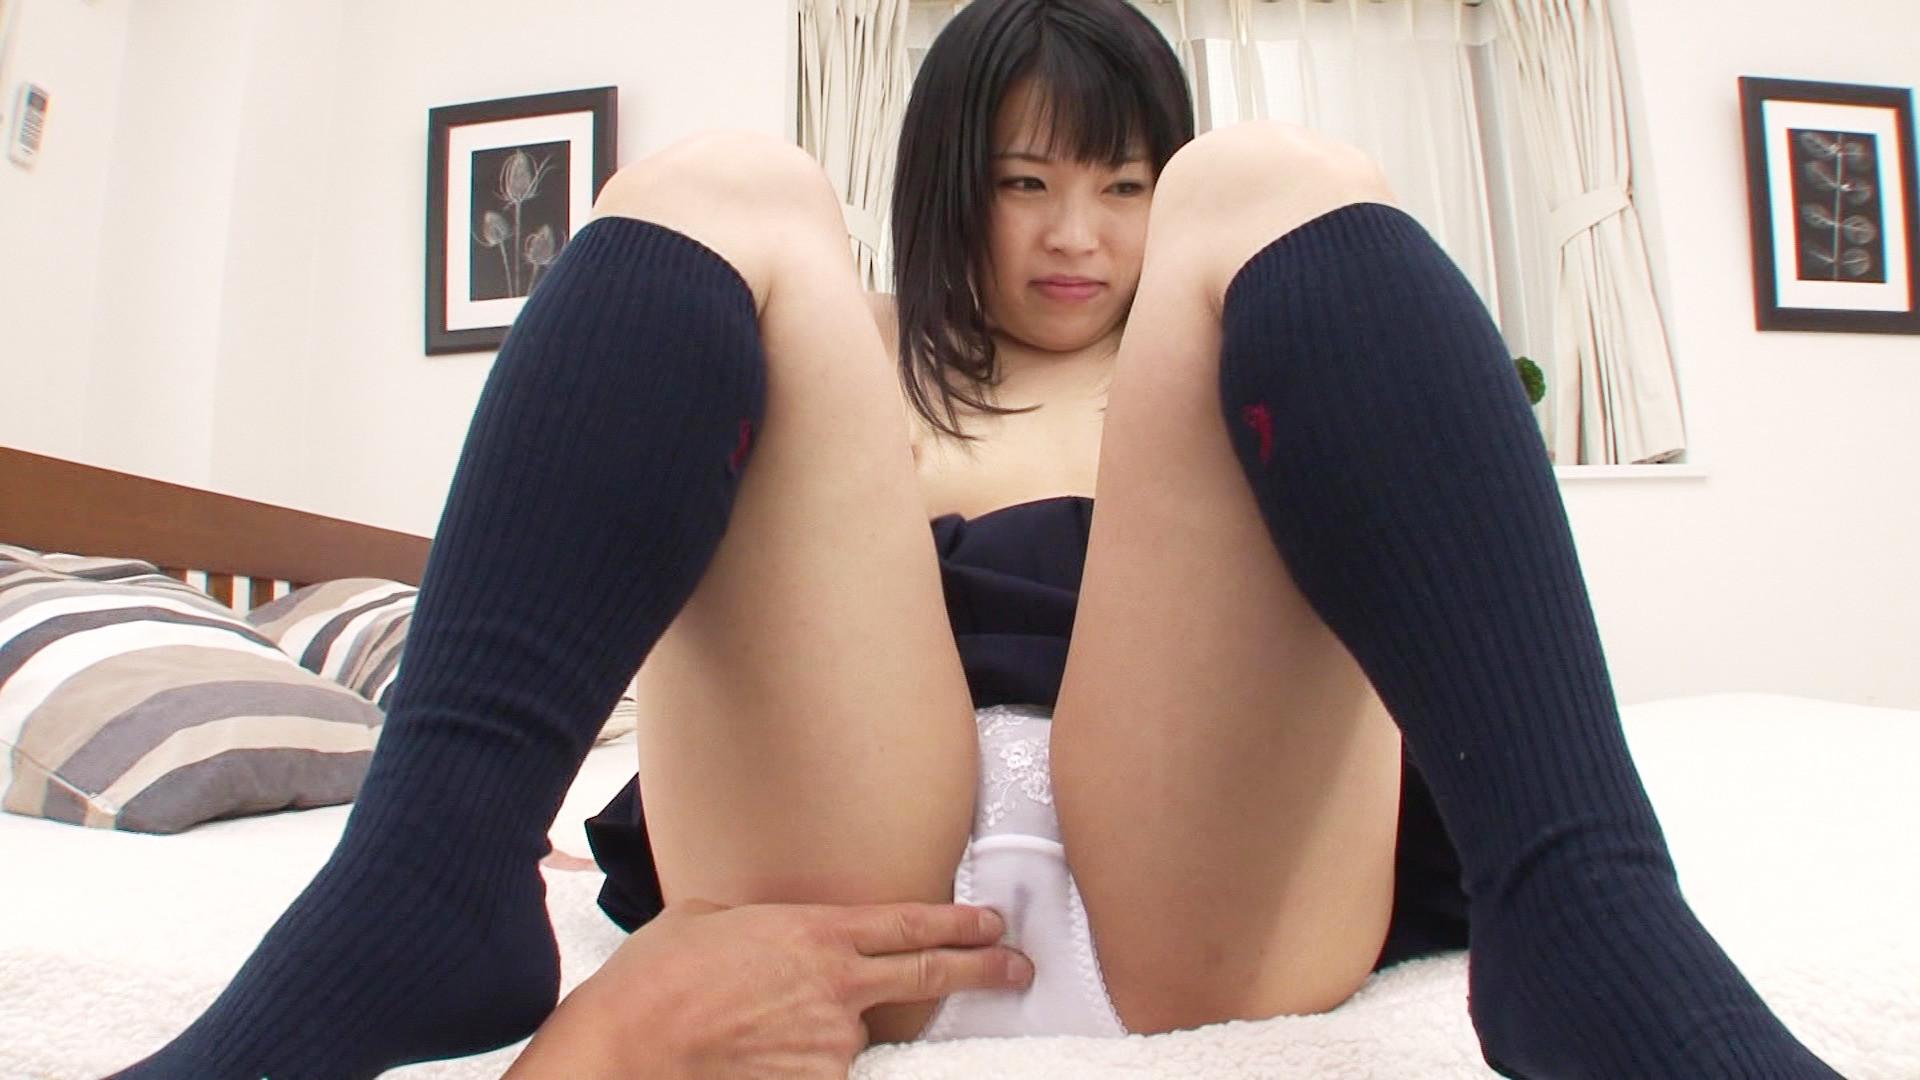 美少女がアナルパールやディルドでお尻の穴を開発されると、生チ●ポで肛門ヴァージンを喪失する